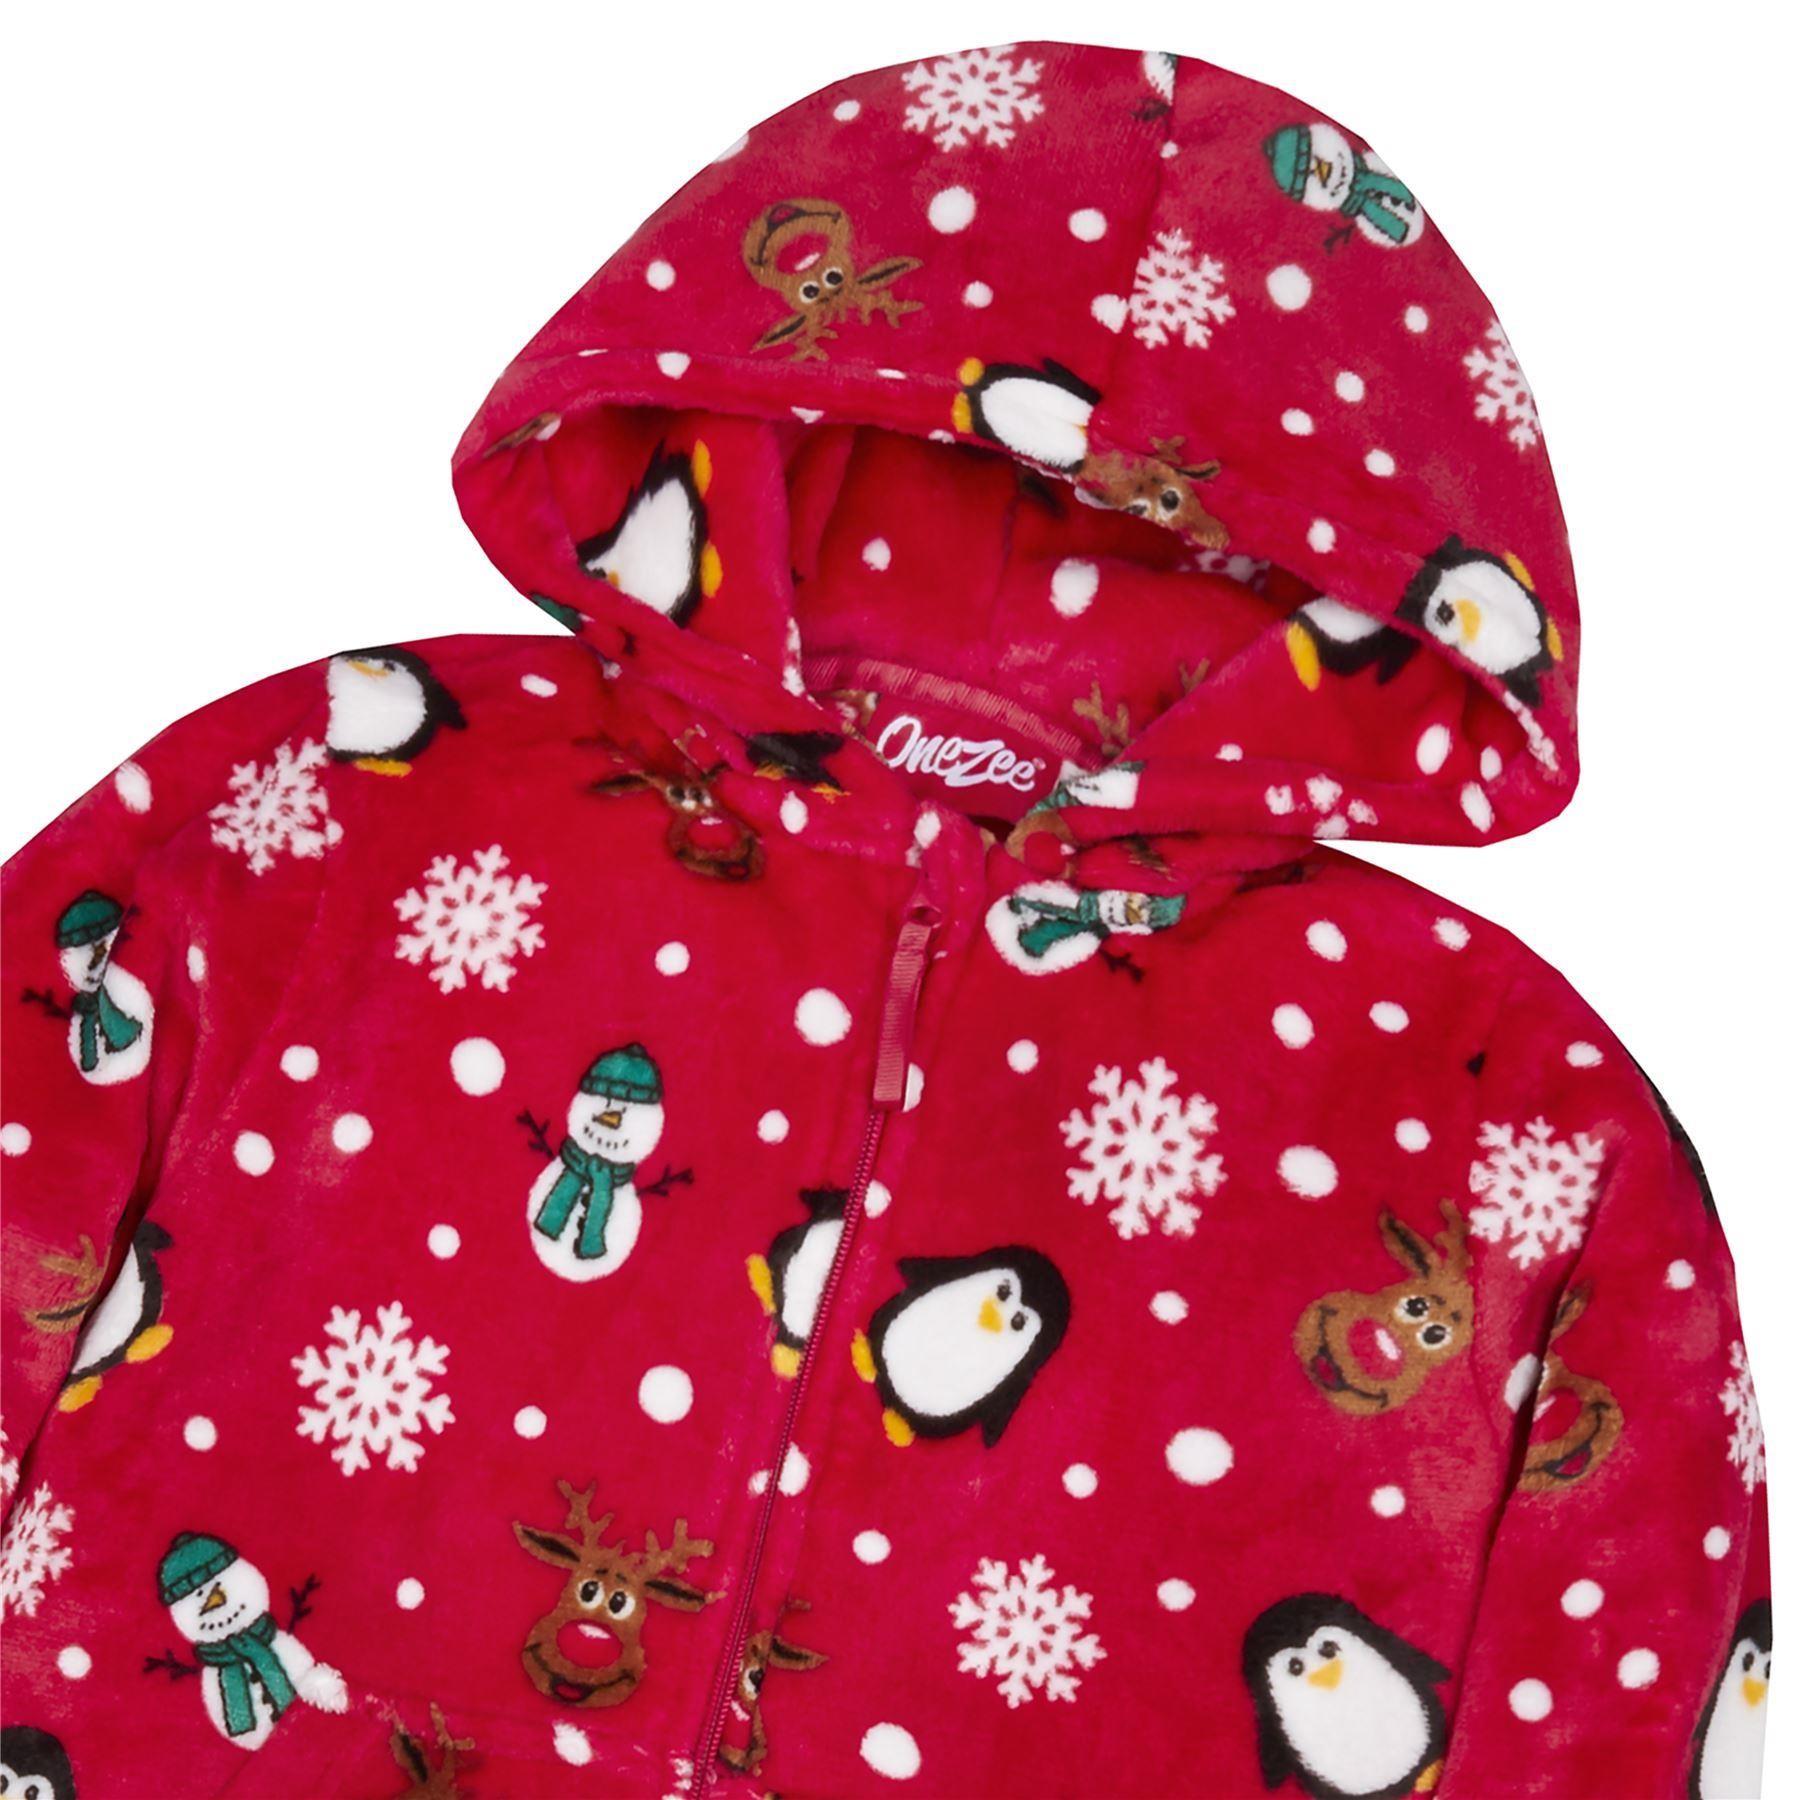 Christmas Fleece.Onezee Kids Christmas Fleece Onesie Red